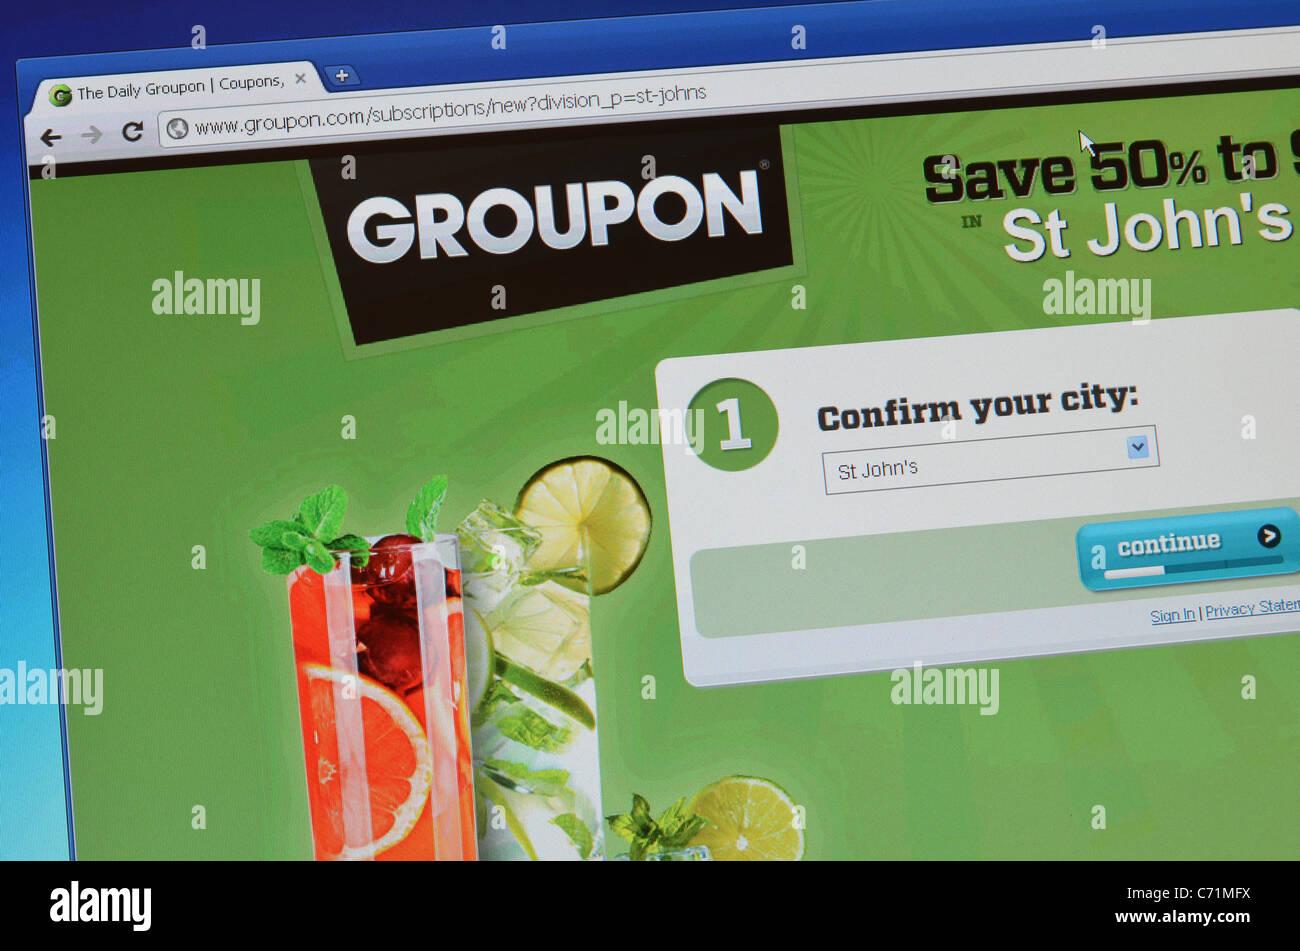 groupon group buying